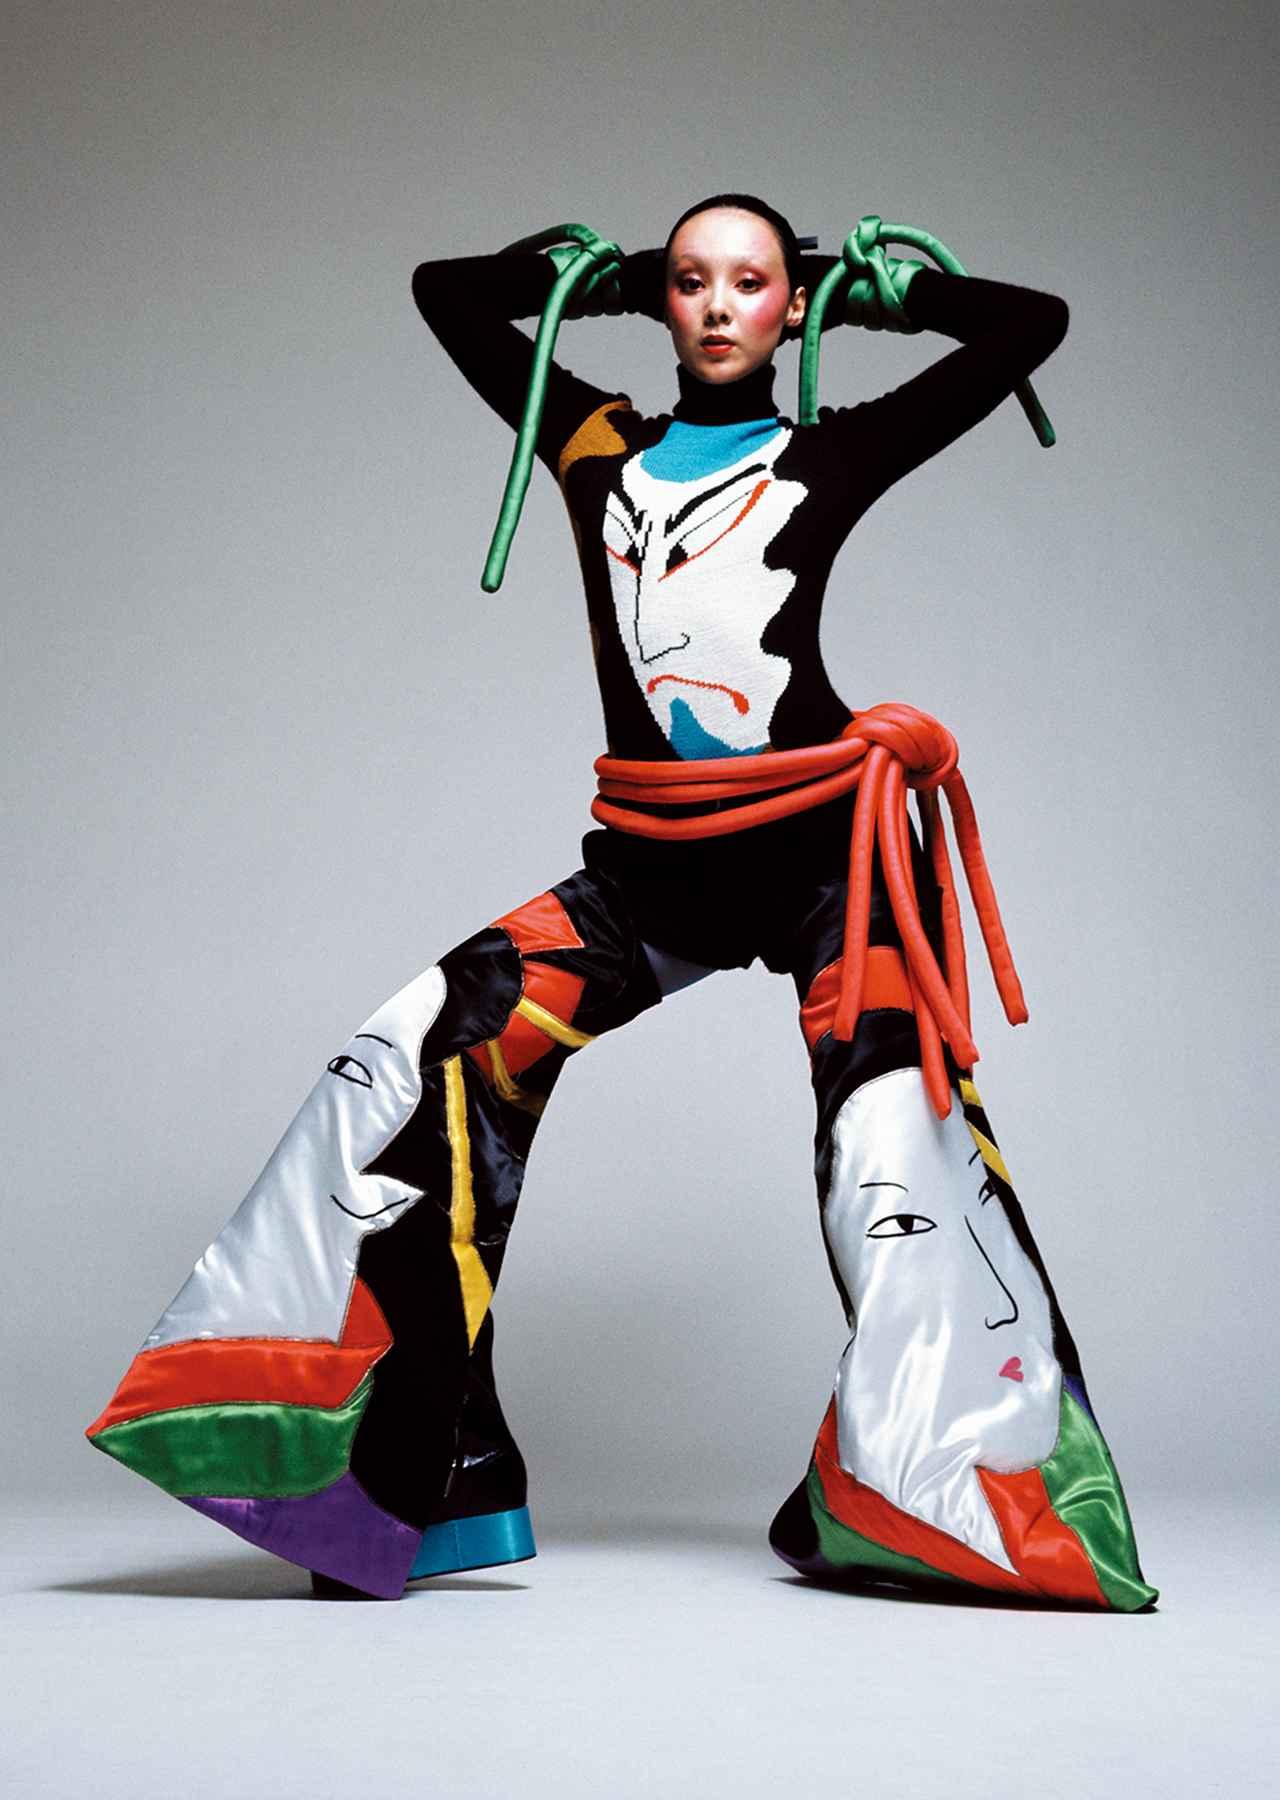 Images : 6番目の画像 - 「ファッション界随一の ファンタジスト、 山本寛斎が再ブームに<前編>」のアルバム - T JAPAN:The New York Times Style Magazine 公式サイト